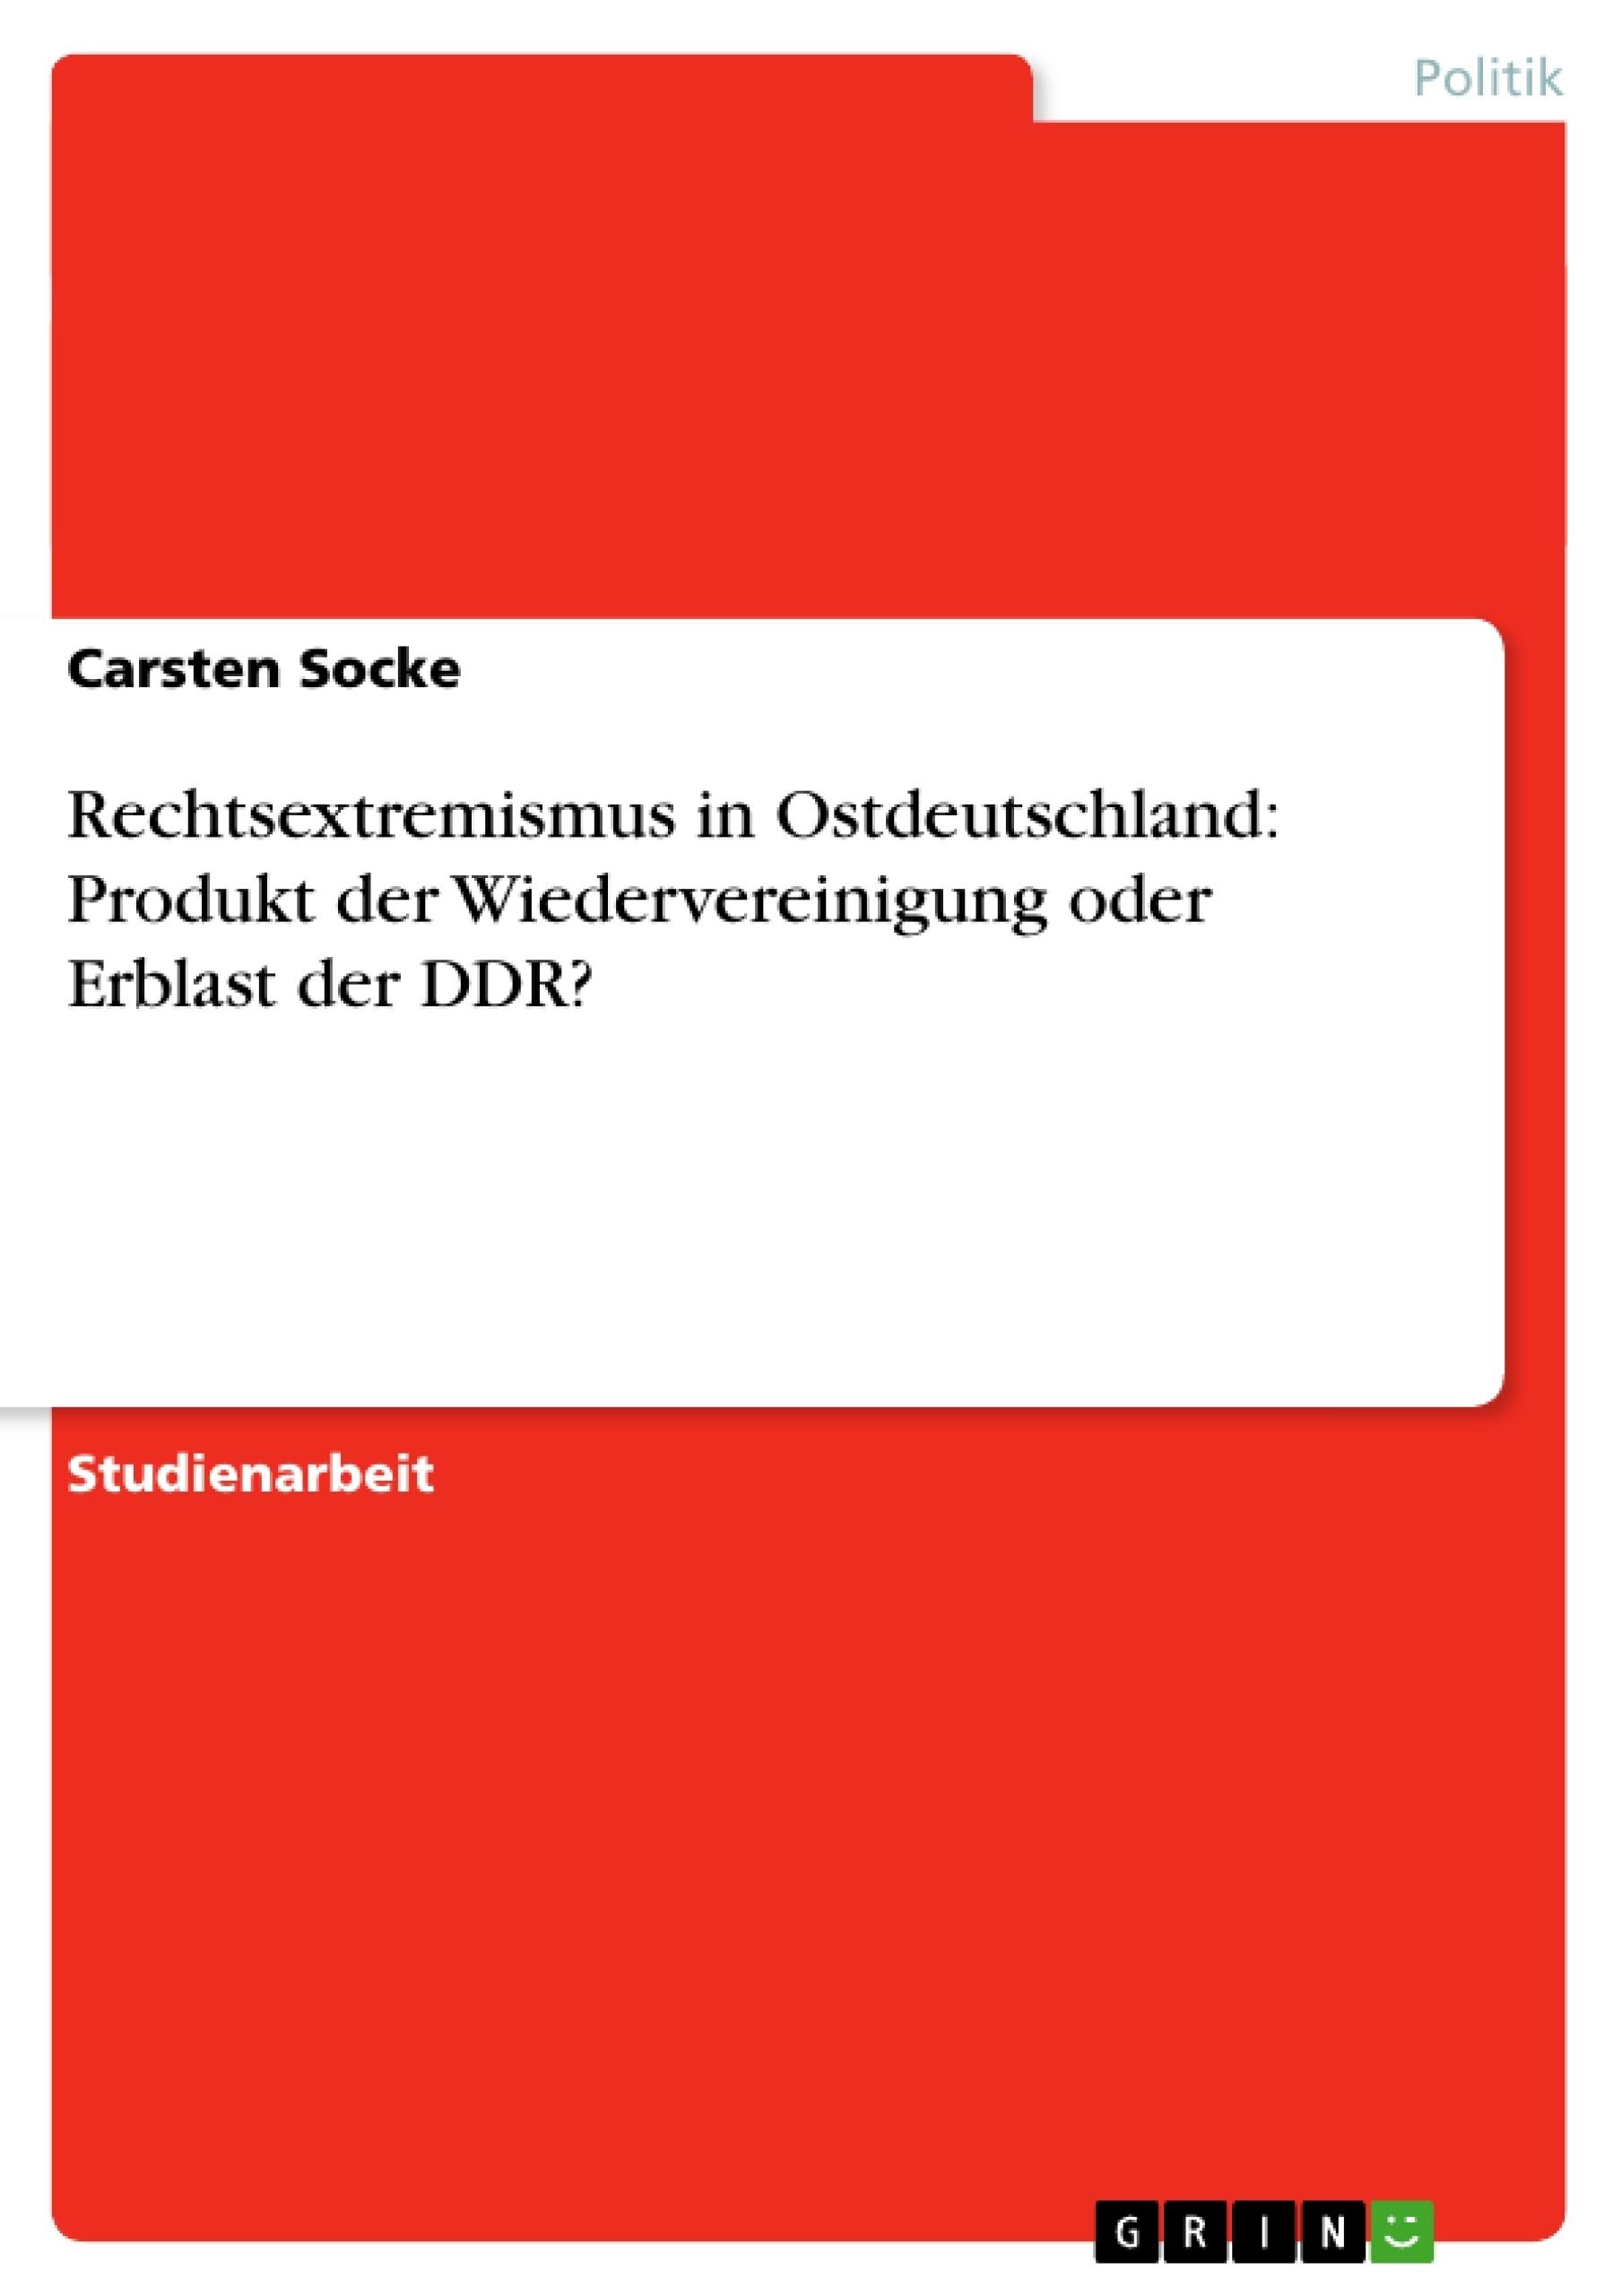 Titel: Rechtsextremismus in Ostdeutschland: Produkt der Wiedervereinigung oder Erblast der DDR?